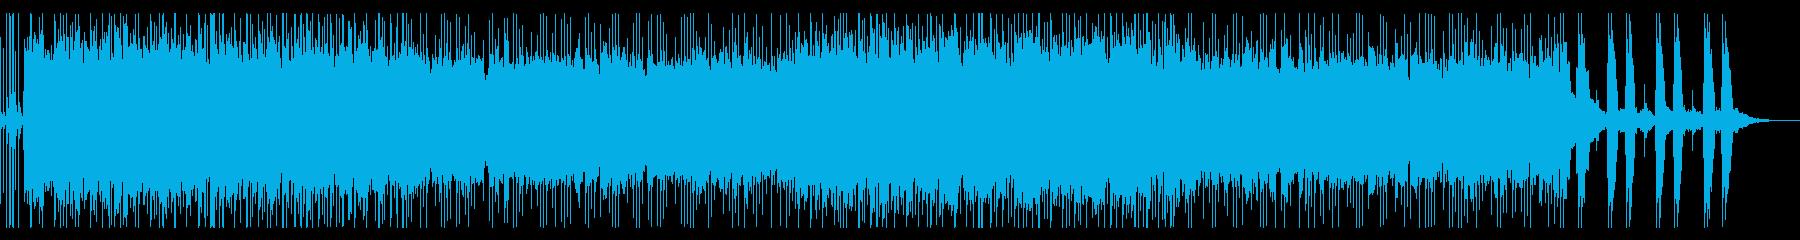 ゴツゴツした印象のメタルの再生済みの波形